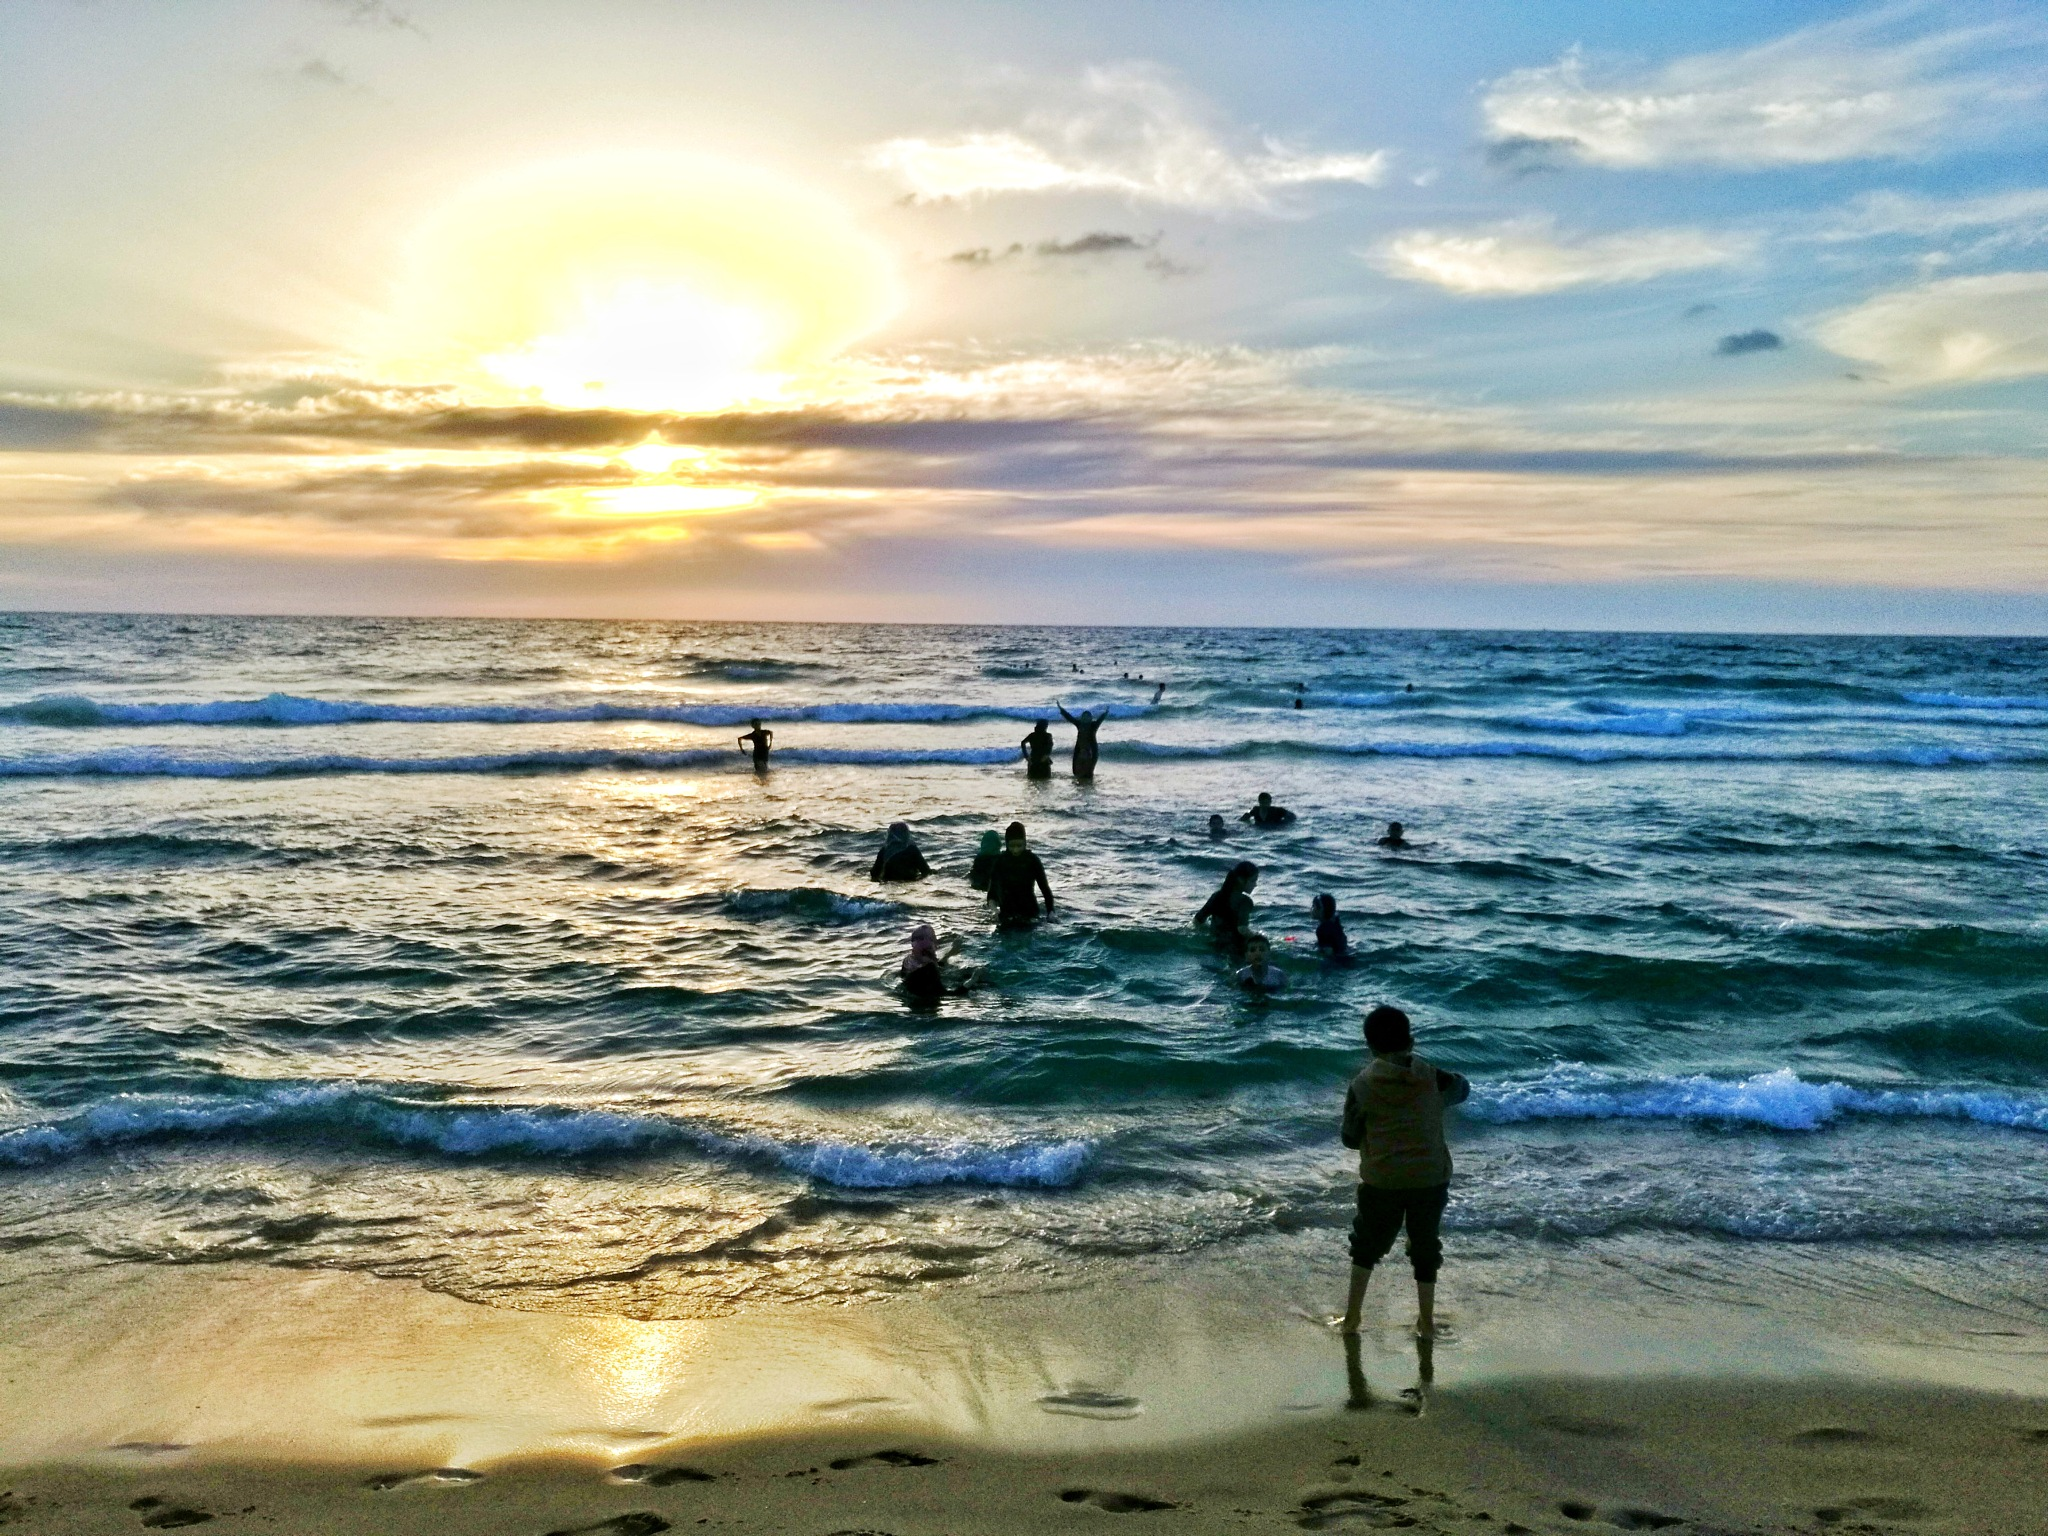 Gaza sea  by Nahla Jalhoum